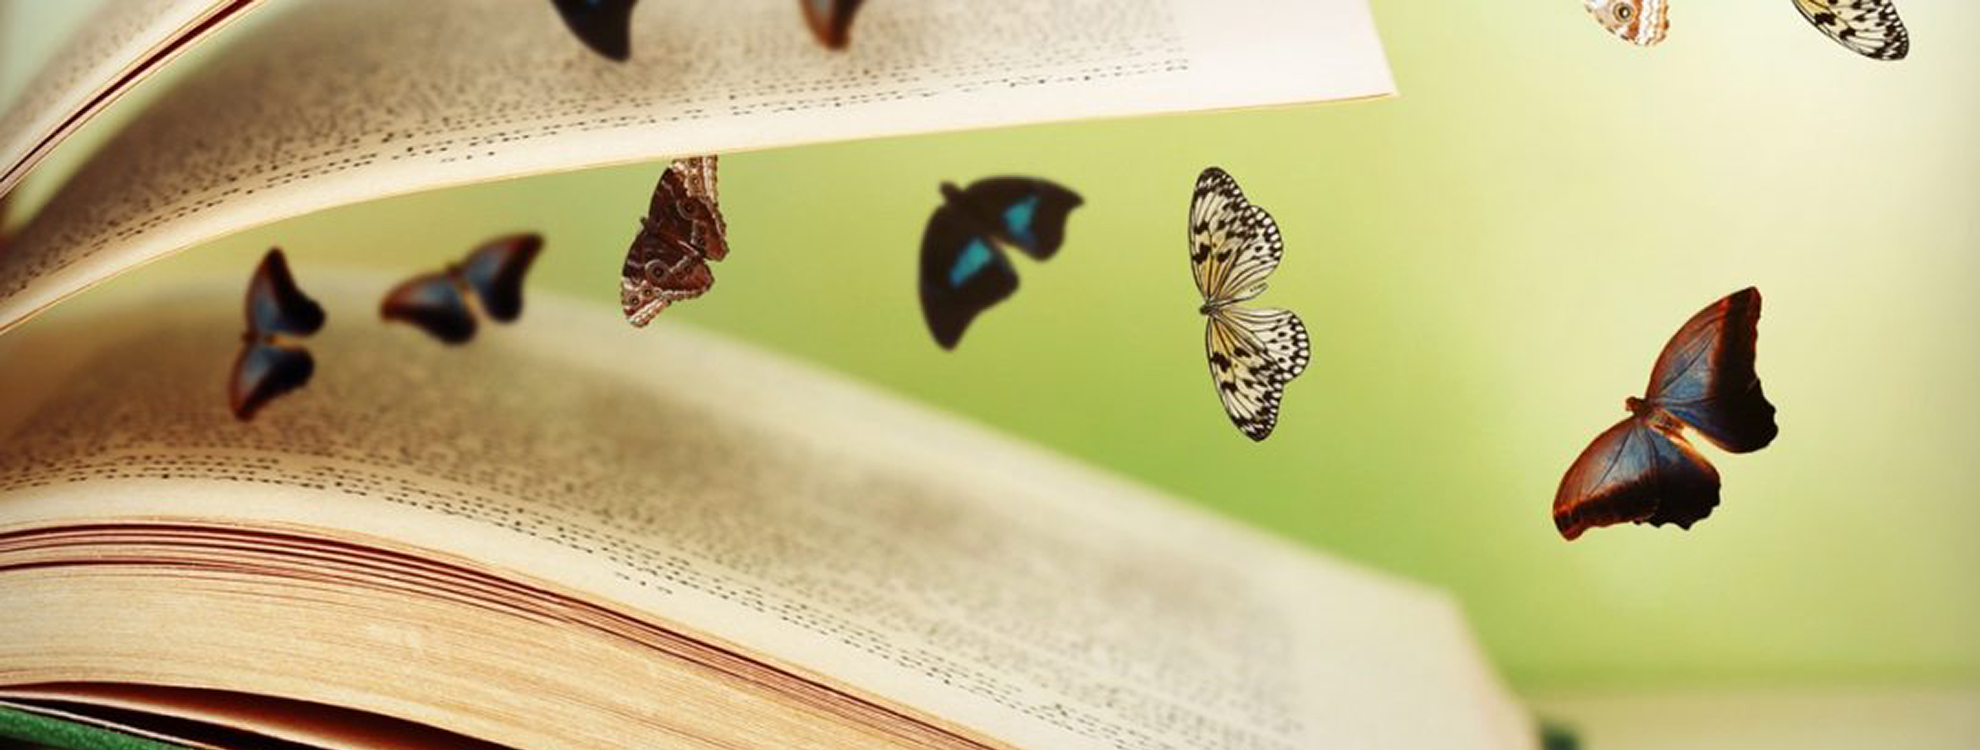 vlinders in boek